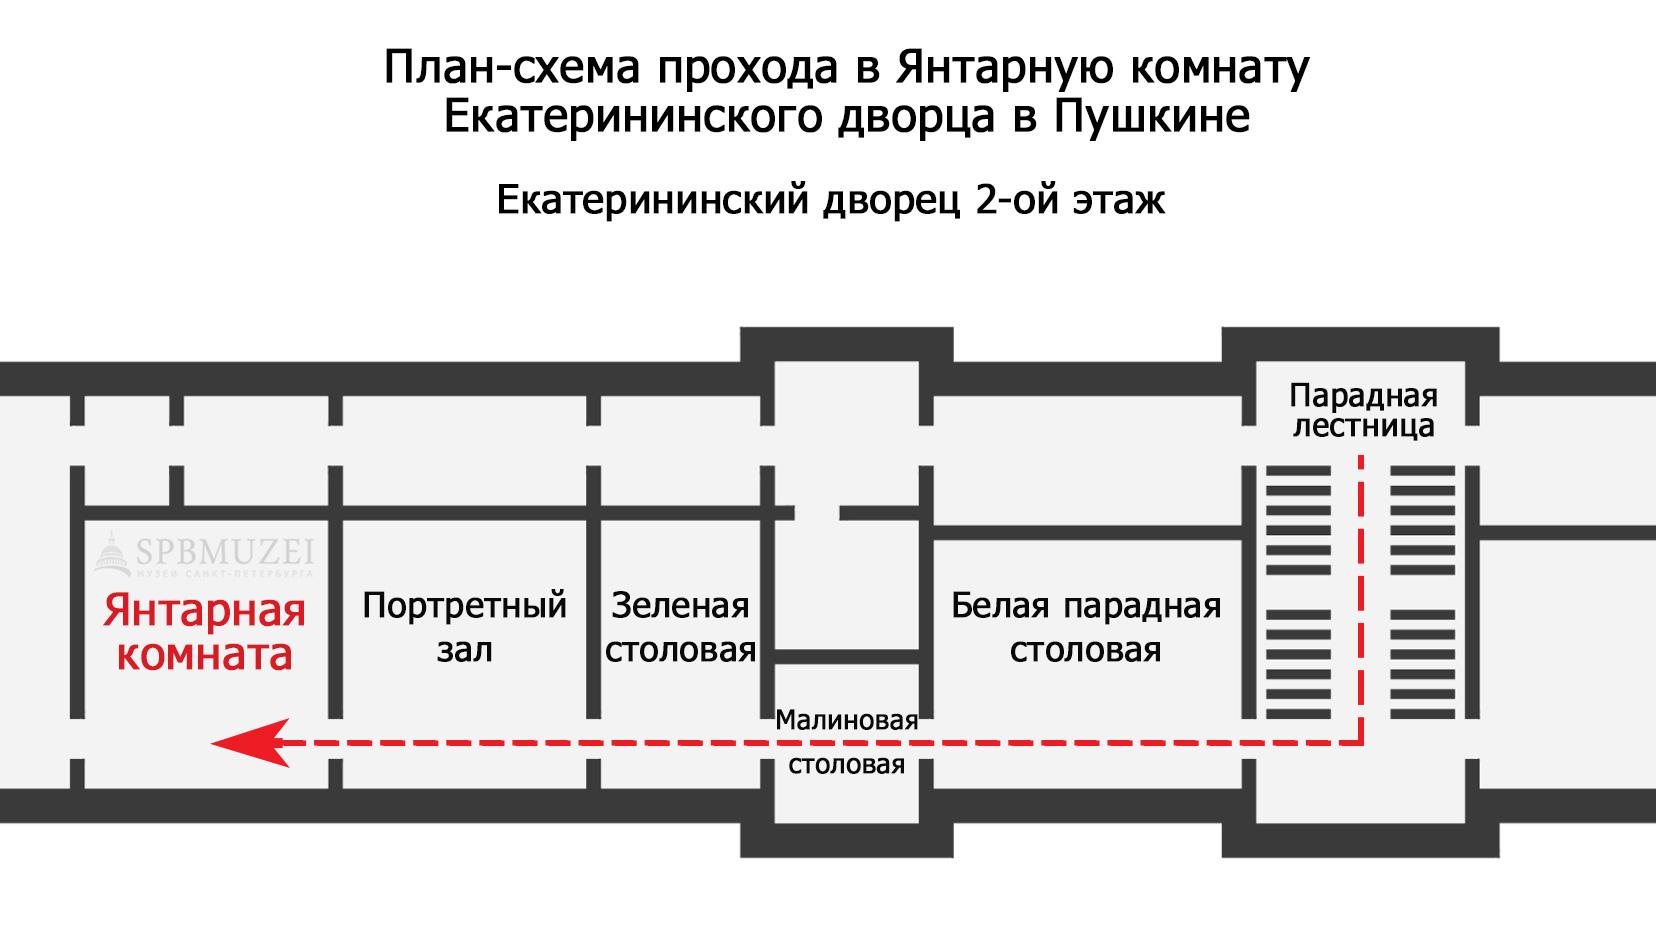 План-схема прохода в Янтарную Комнату Екатерининского дворца